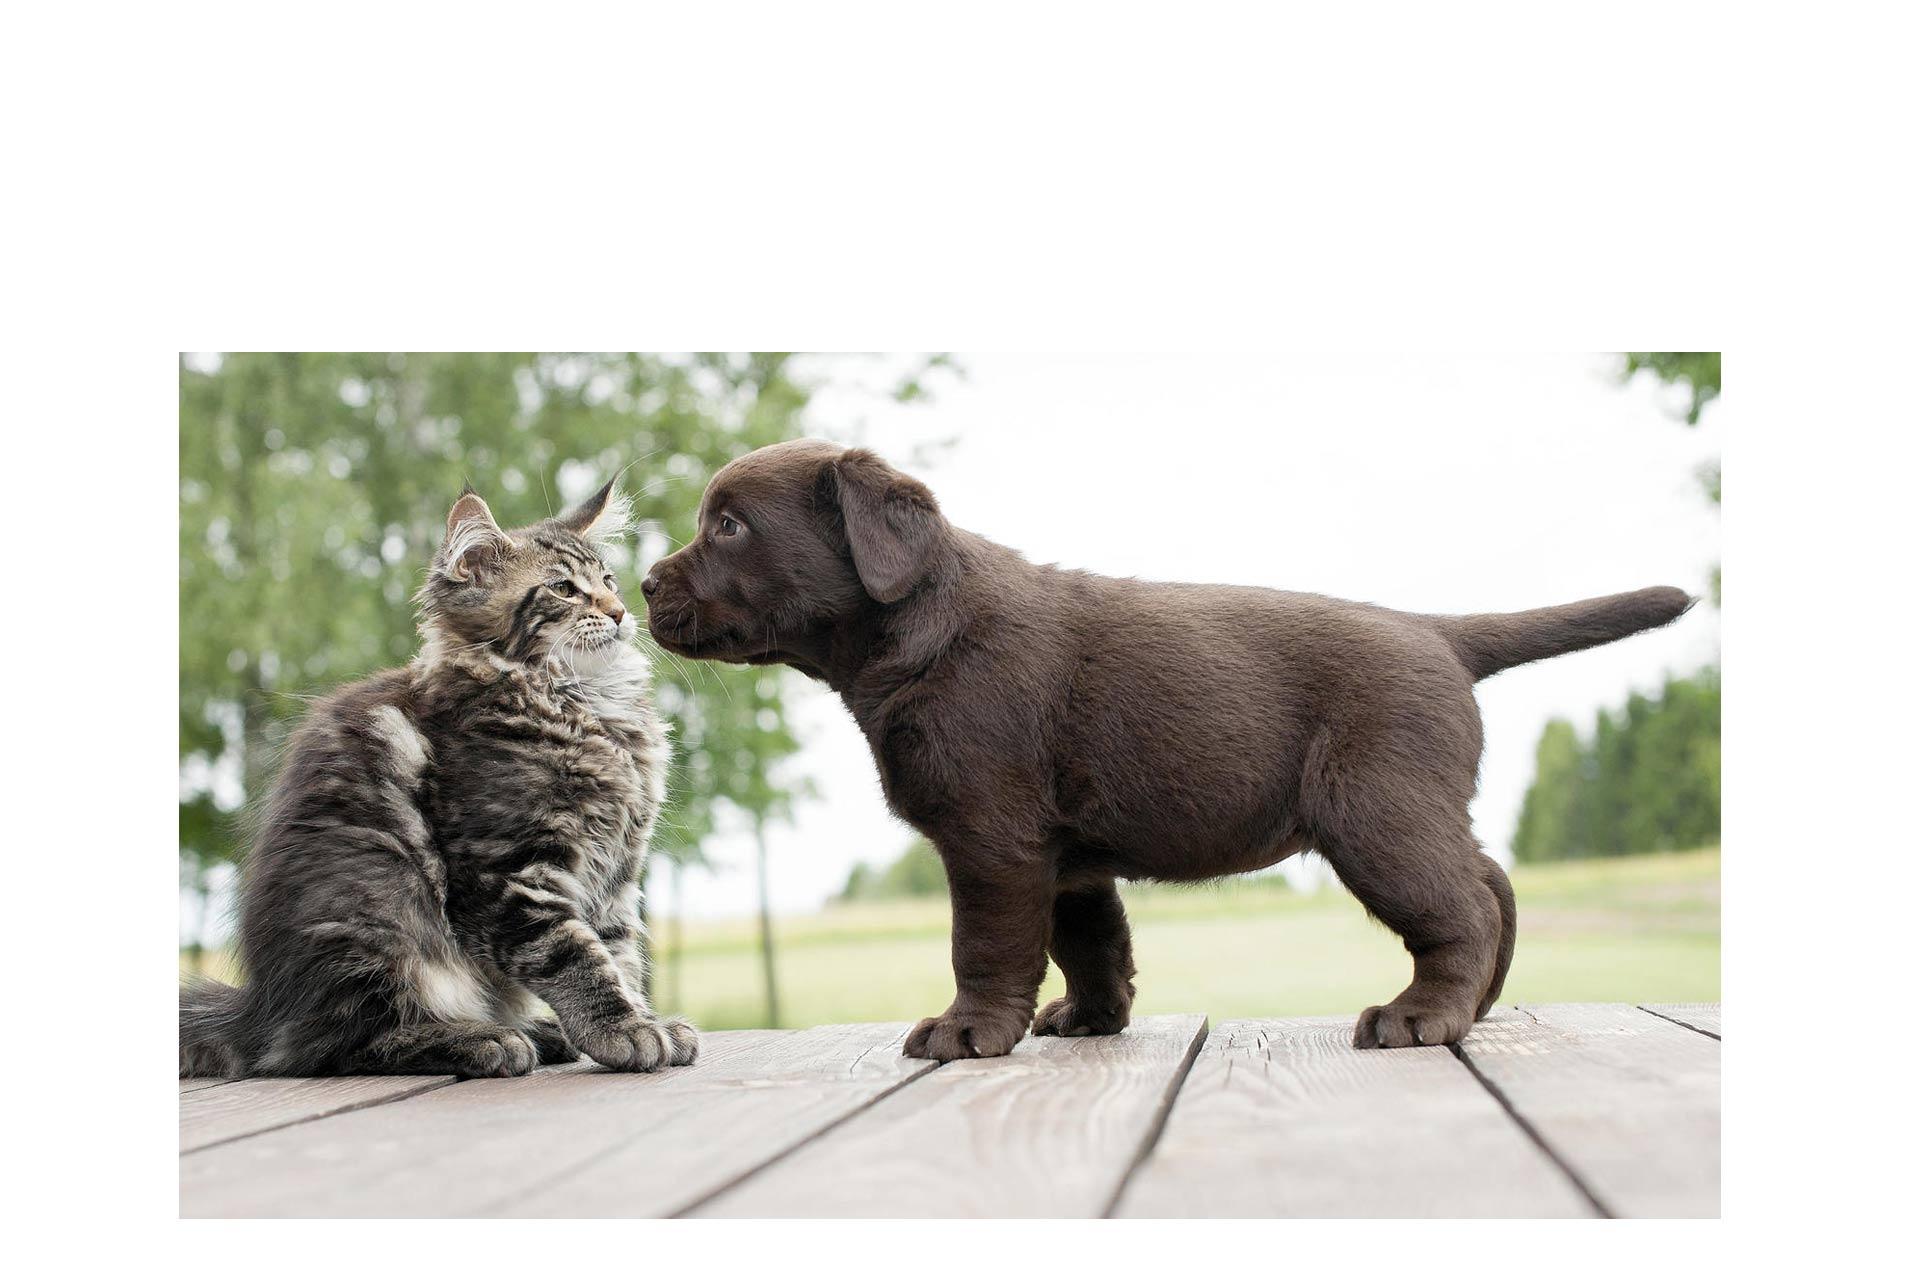 Perros o gatos, ¿cuáles son más fuertes?